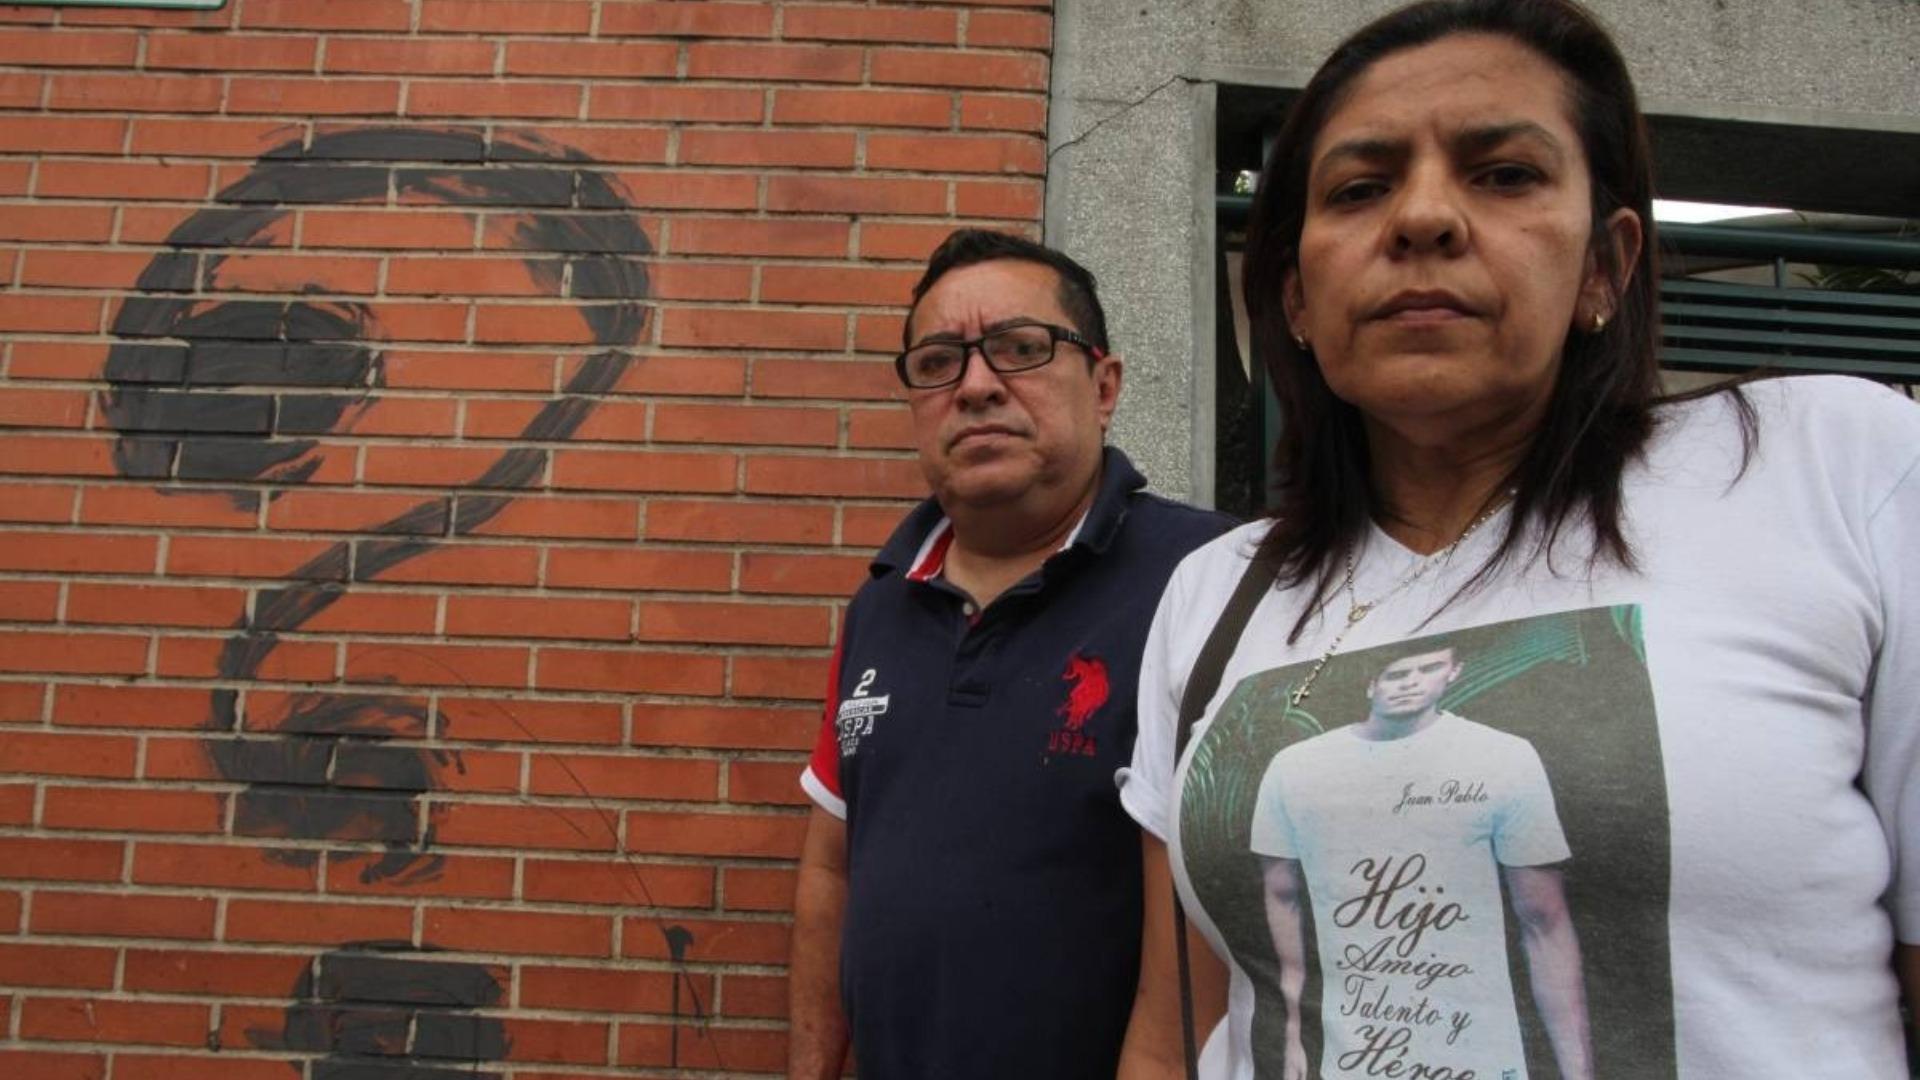 A cuatro años del asesinato de Juan Pablo Pernalete, sus padres siguen esperando justicia